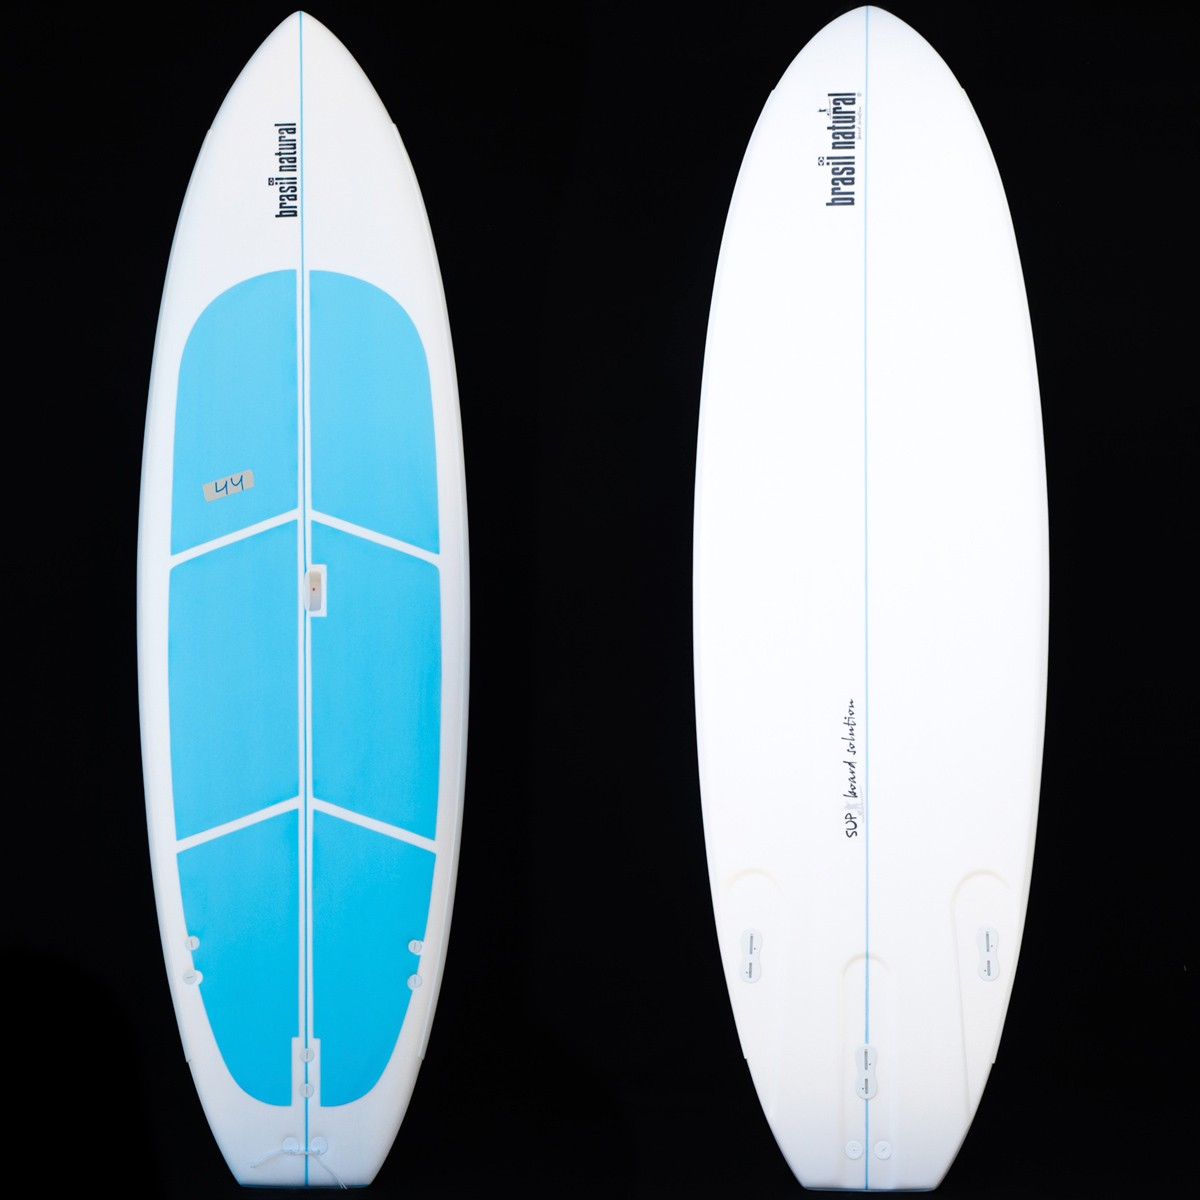 Prancha de stand up paddle 10 pés soft + kit remada - Outlet 44